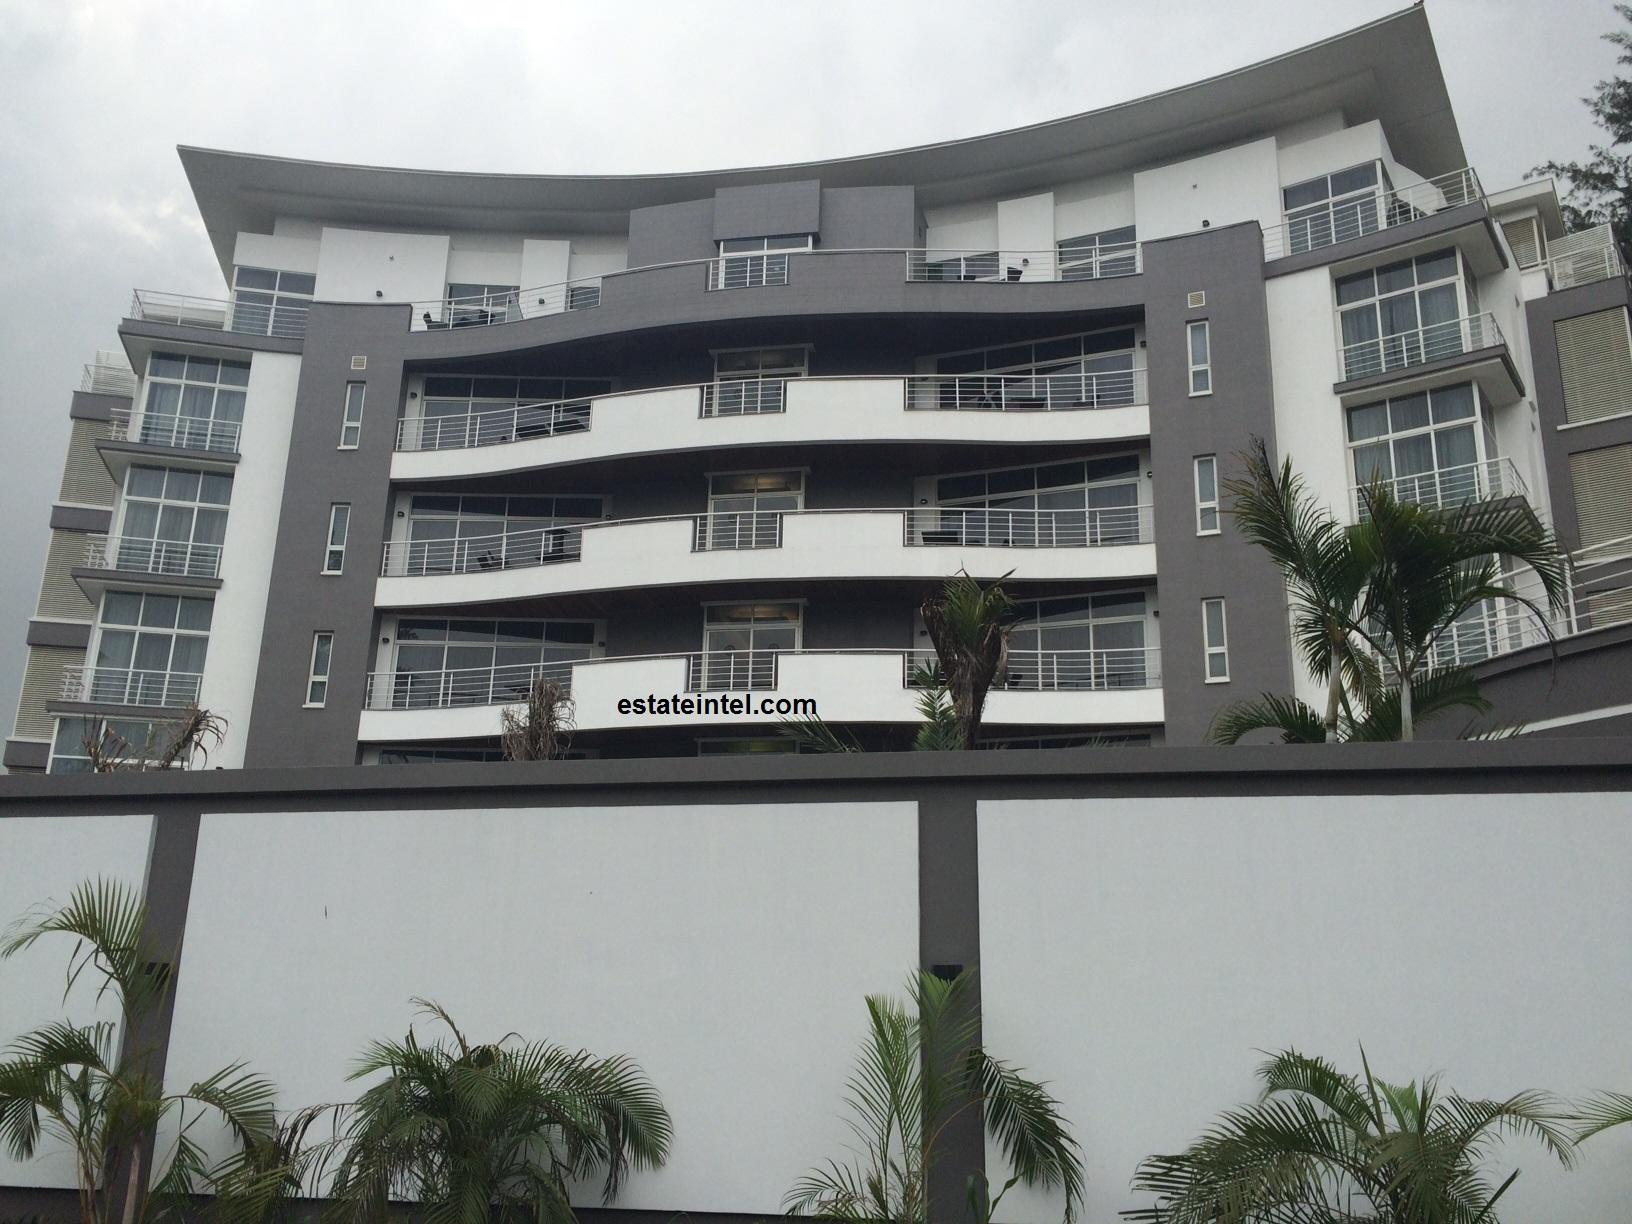 The George - Lugard Avenue, Ikoyi.